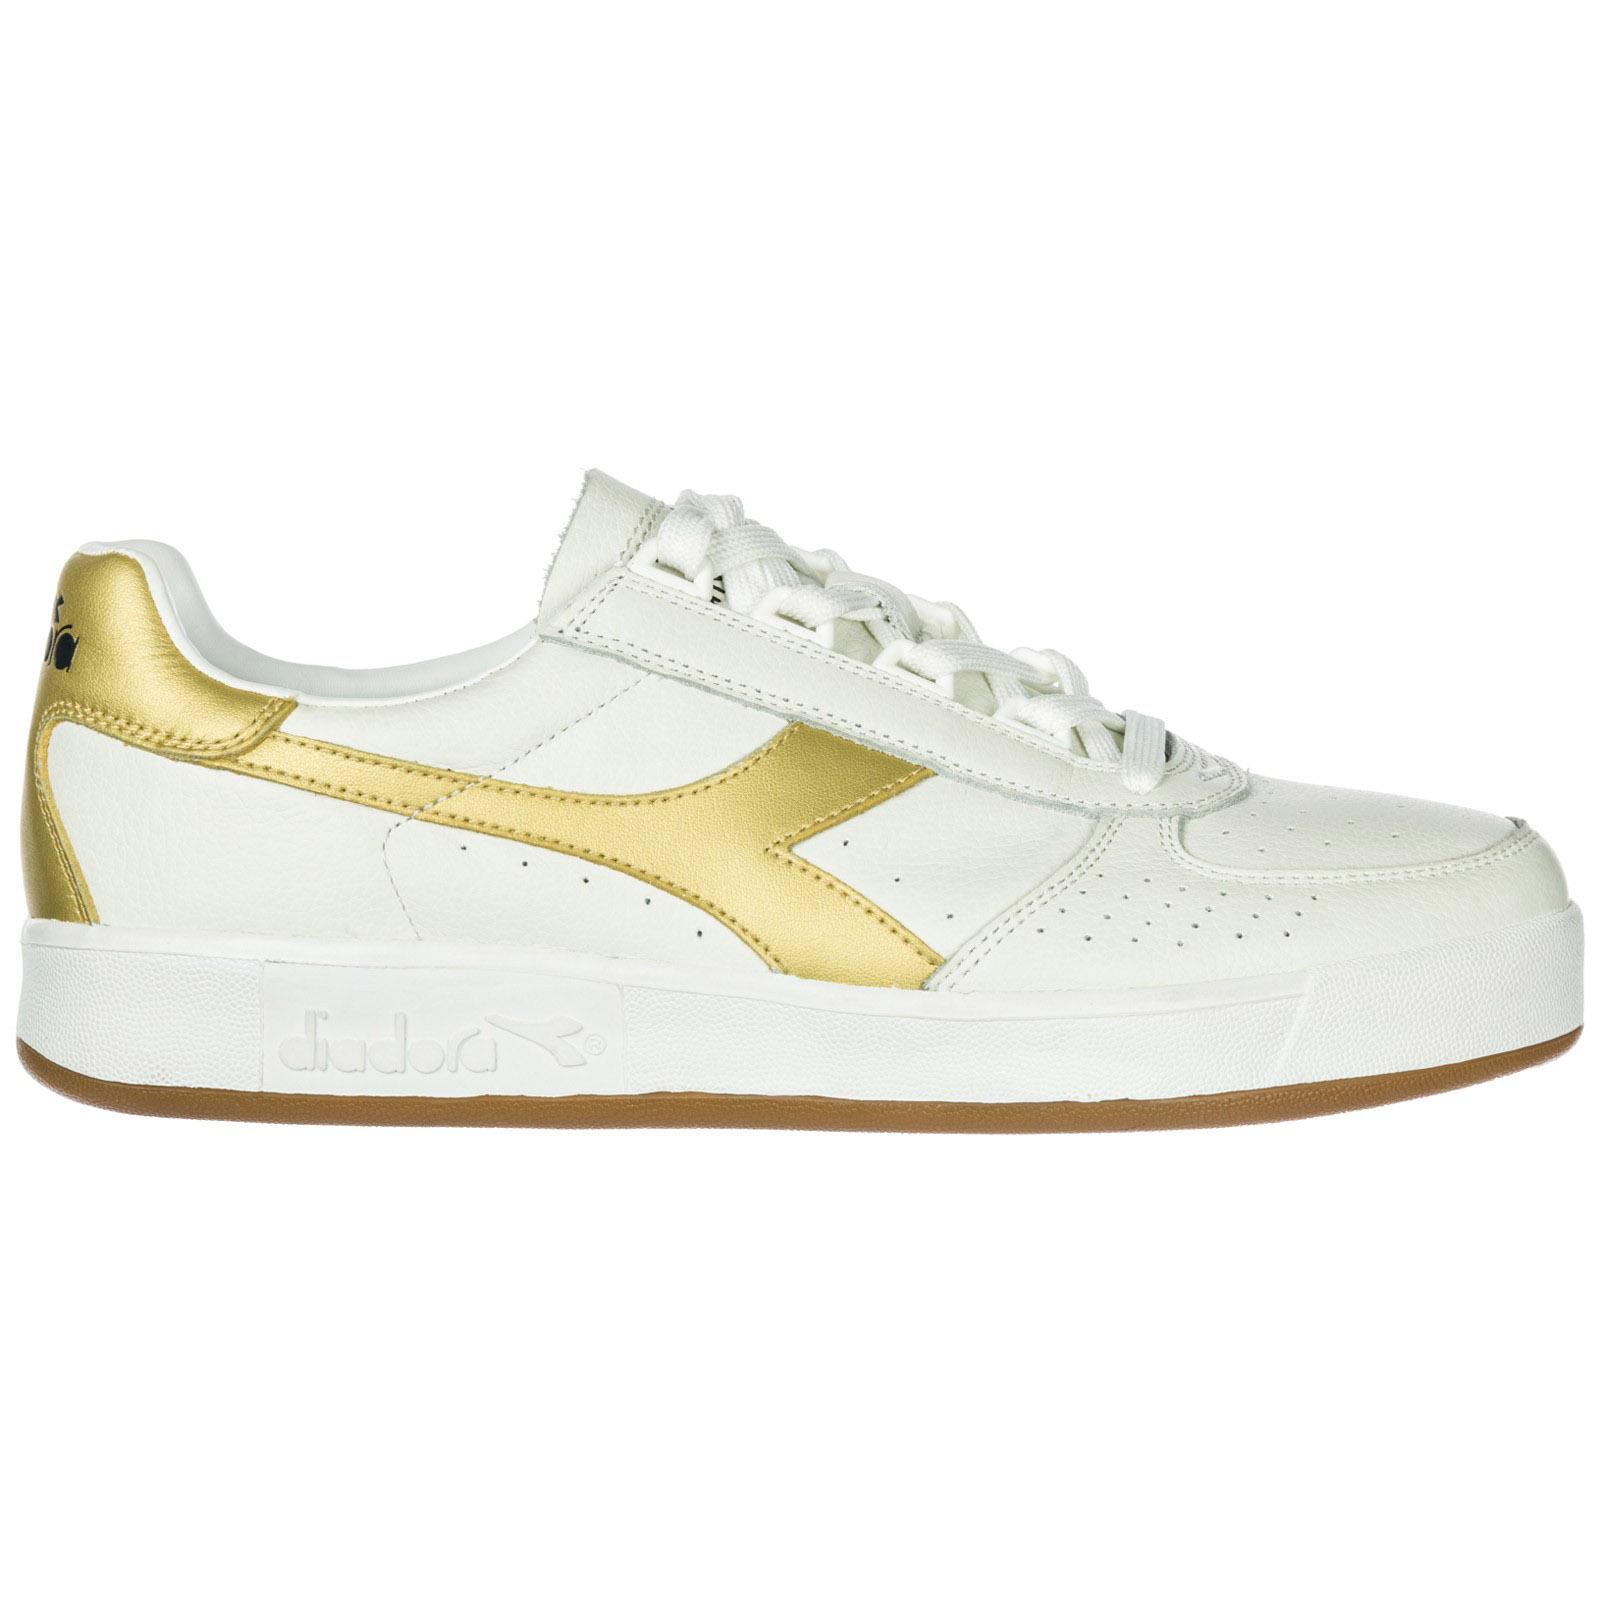 Sneakers Diadora 501173090 White Gold |